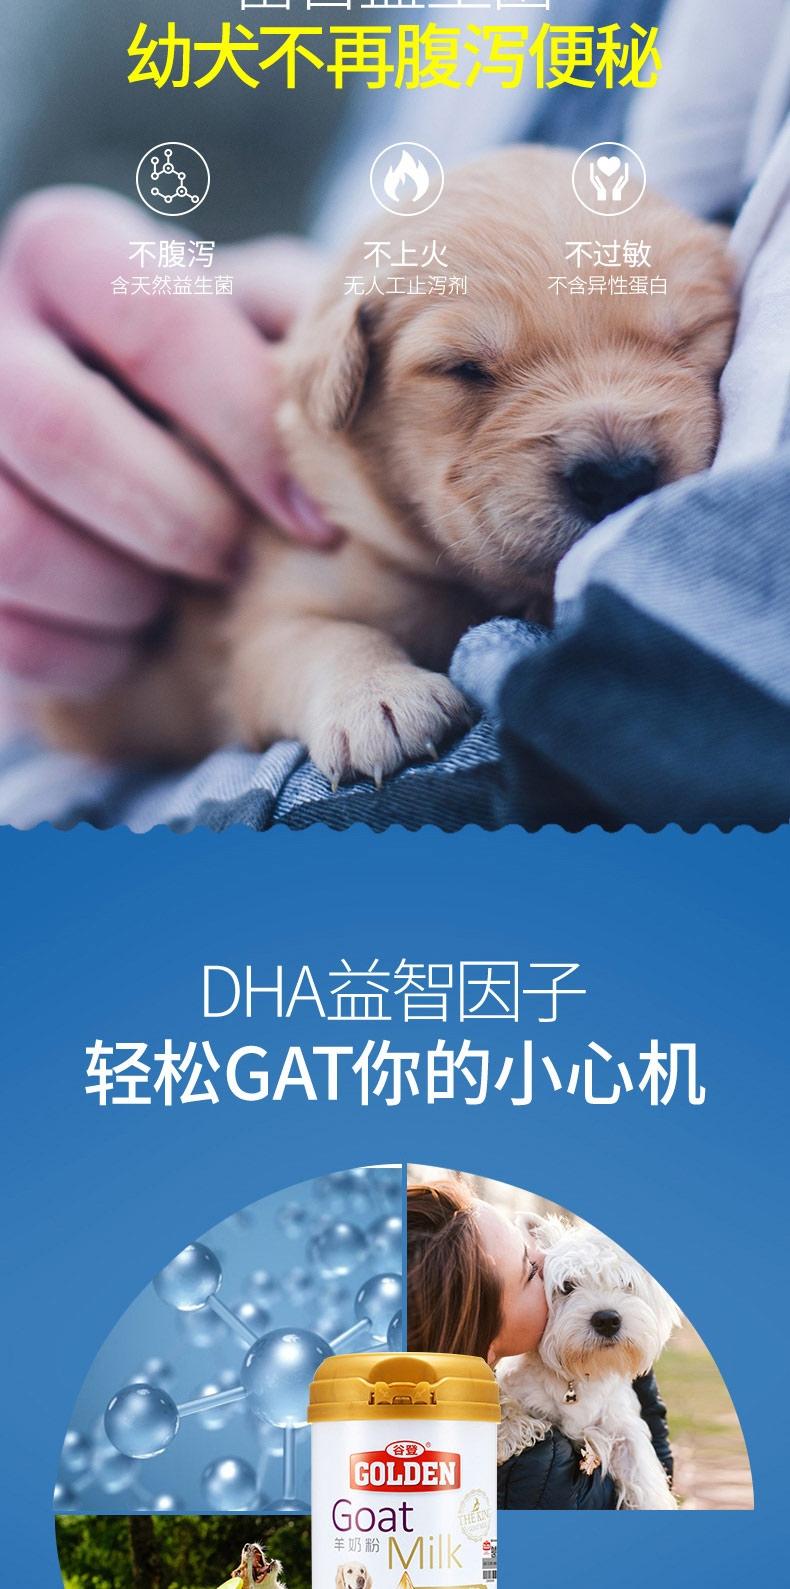 谷登 羊奶粉200g 猫狗通用 补充能量提高免疫力